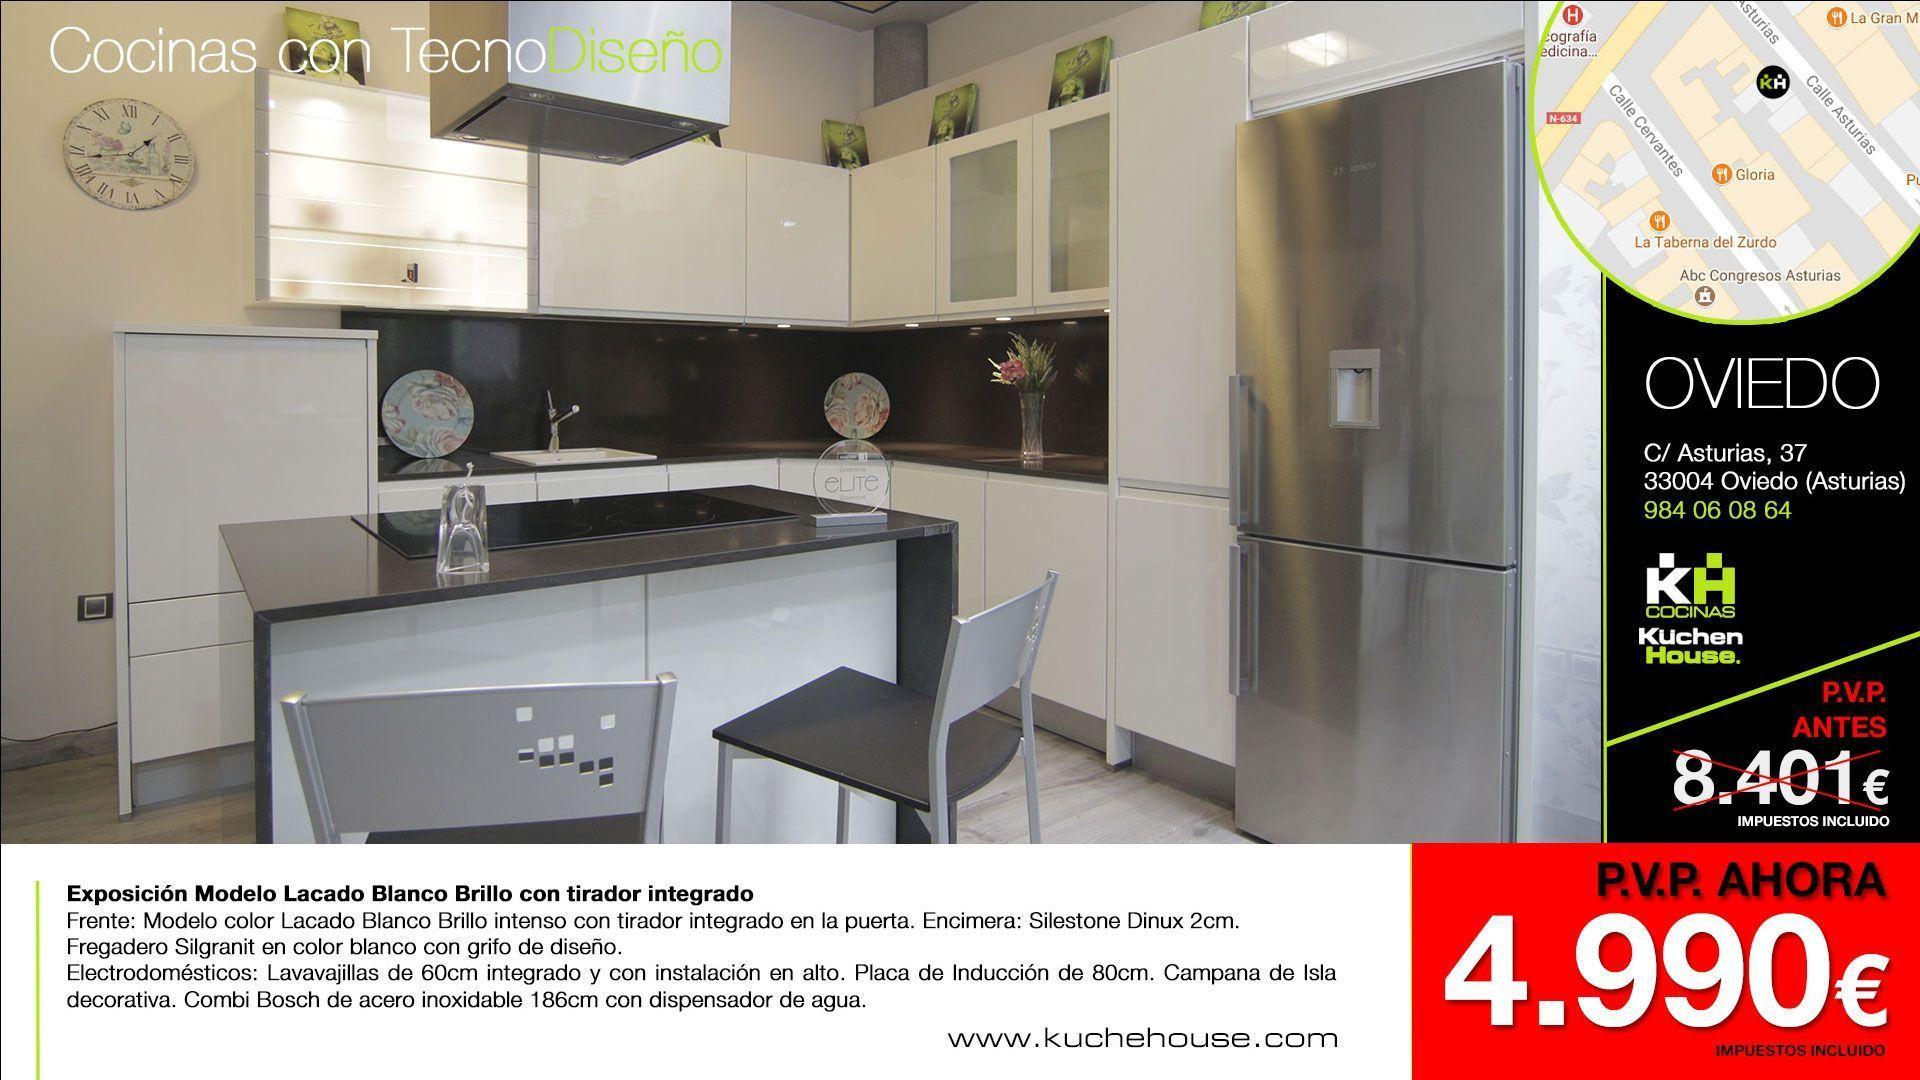 Promociones liquidaciones cocinas 2017 cocinas kuchenhouse - Muebles de cocina alemanes ...